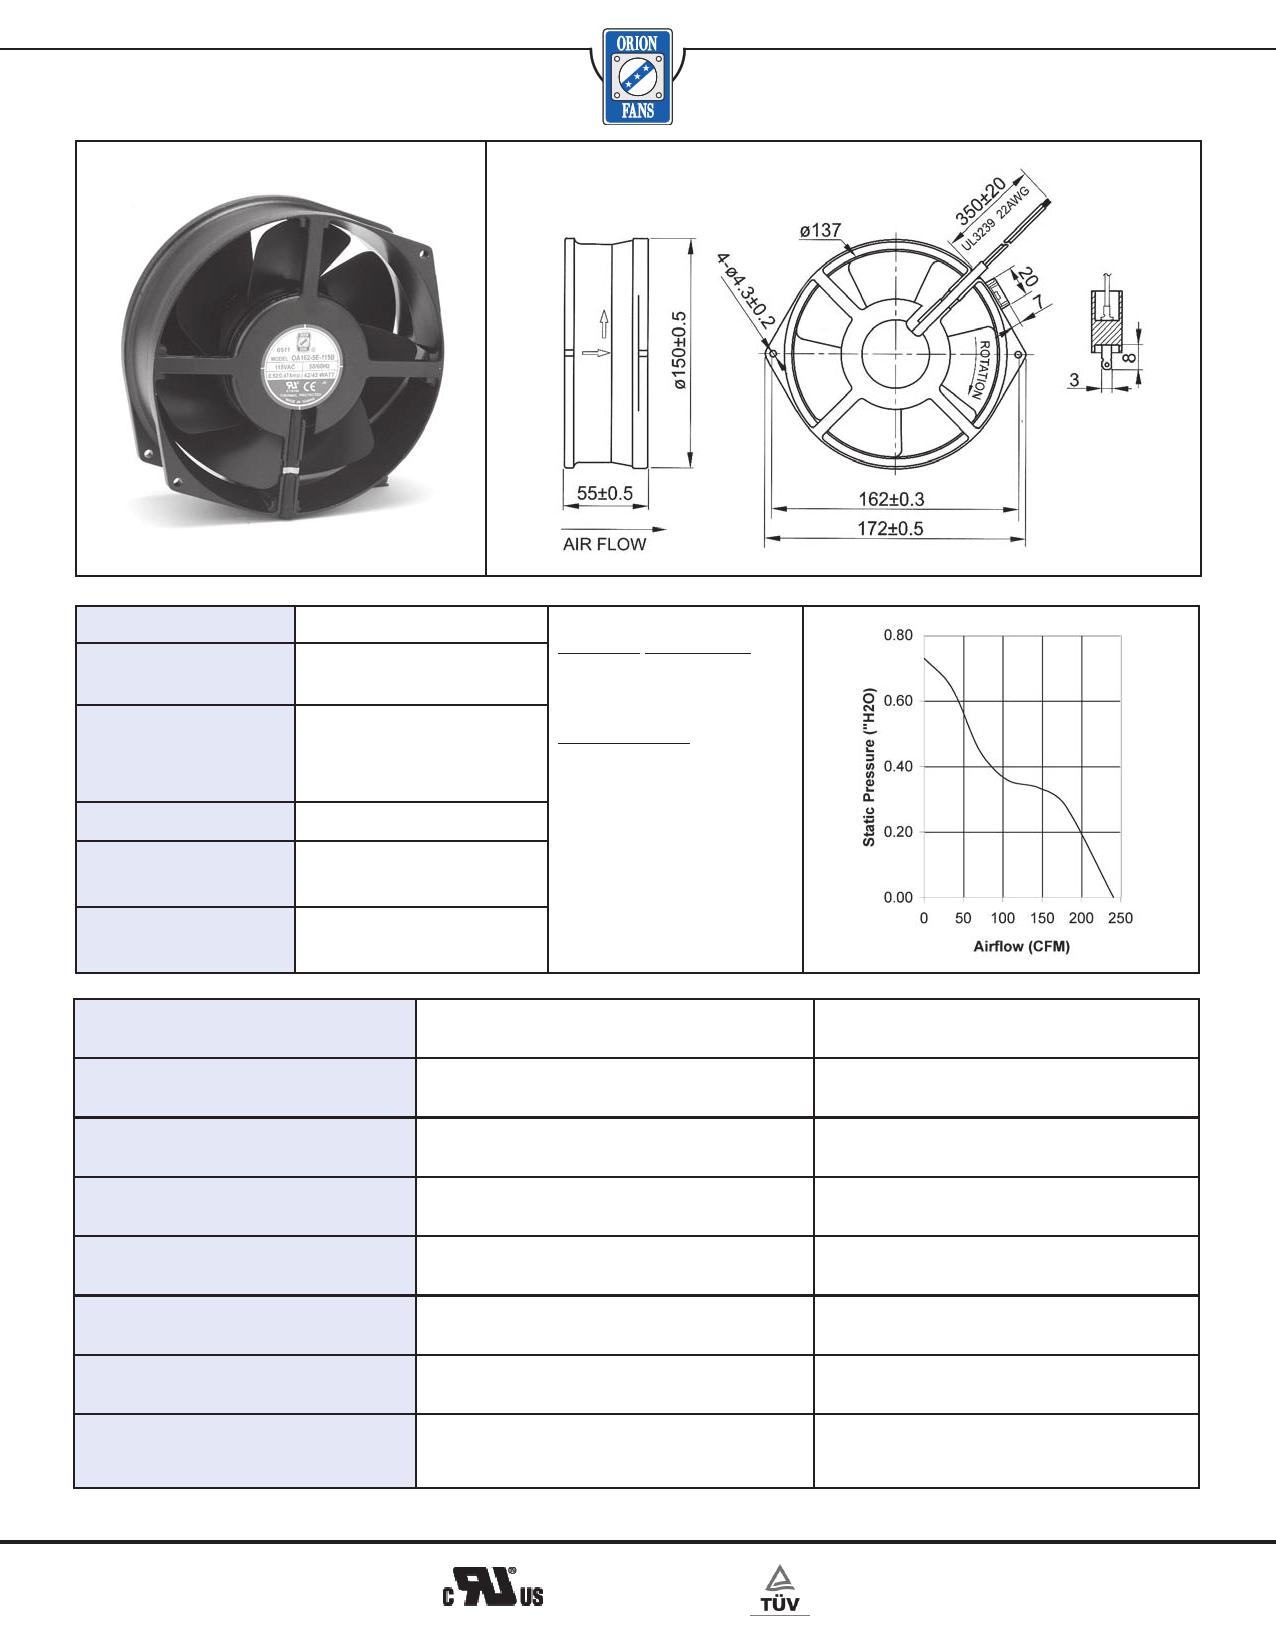 OA162 datasheet